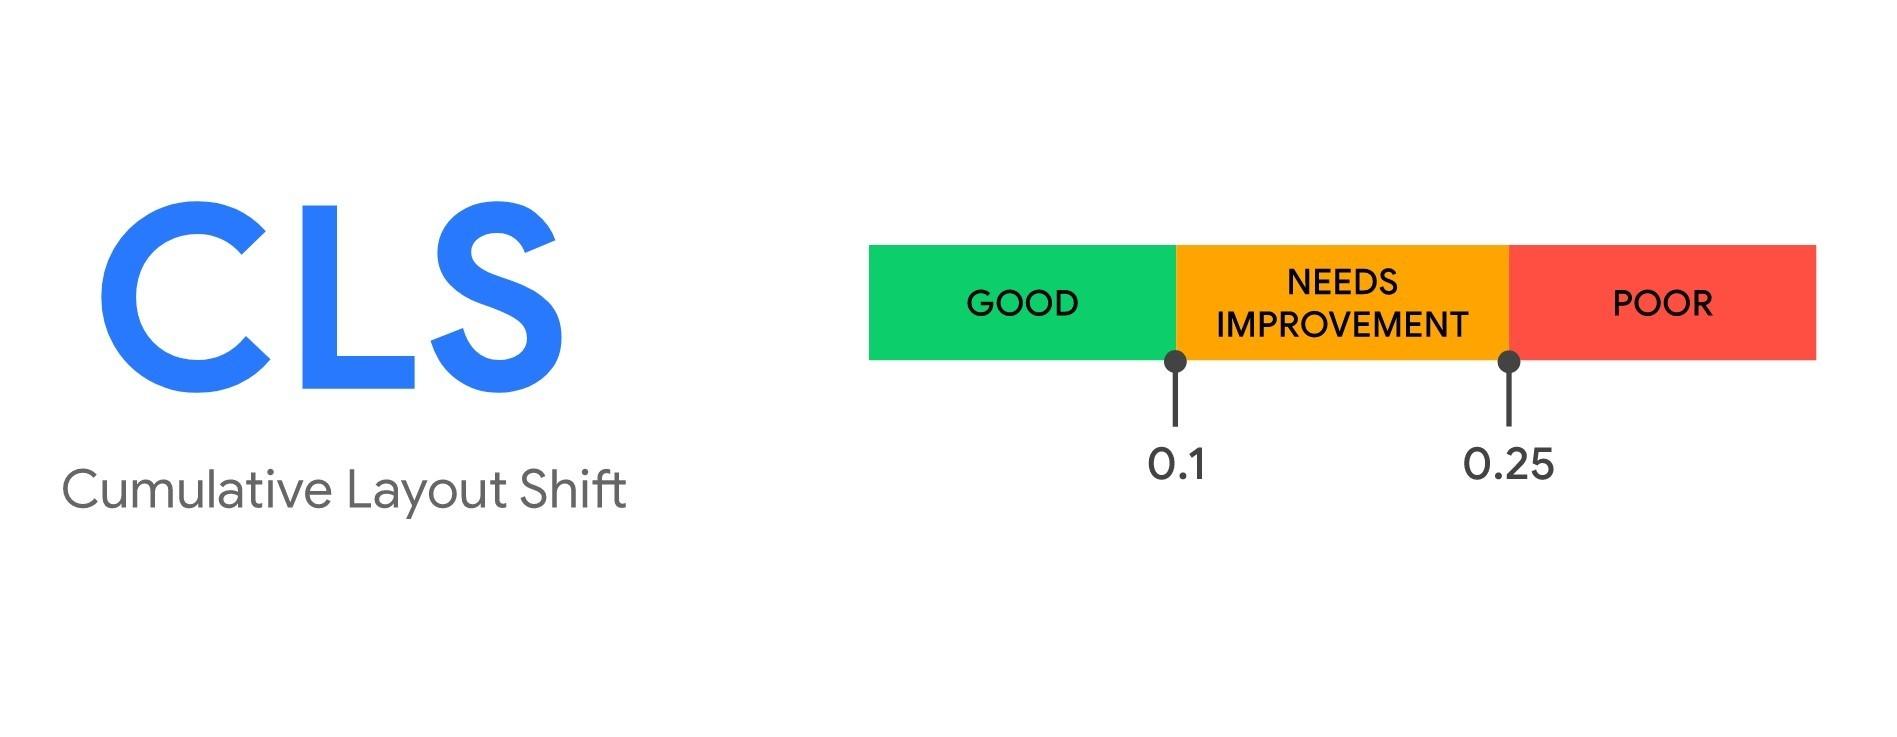 累積版面位移_Cumulative Layout Shift_CLS_網站核心指標_鯊客科技SEO優化